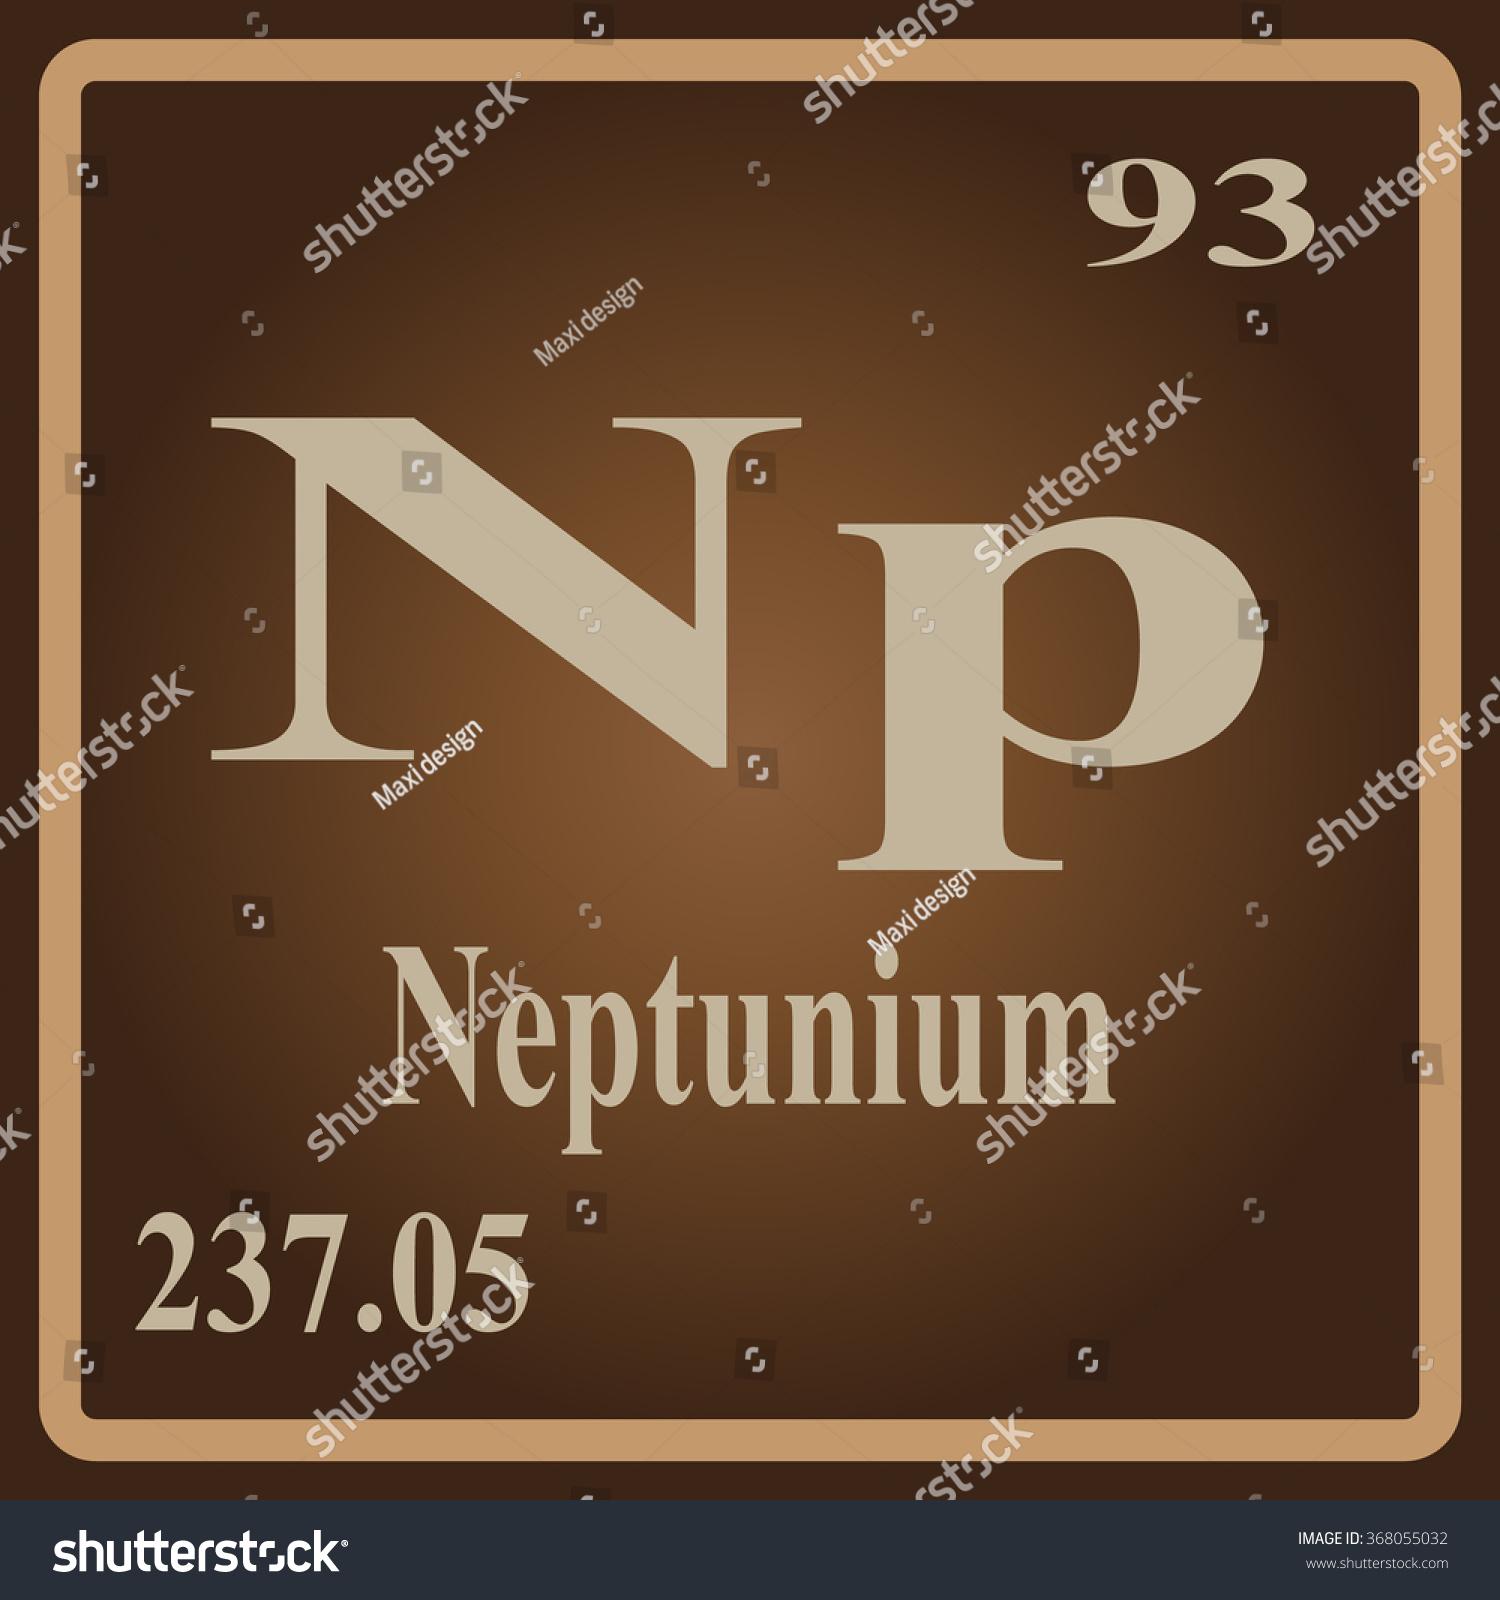 Neptunium Periodic Table